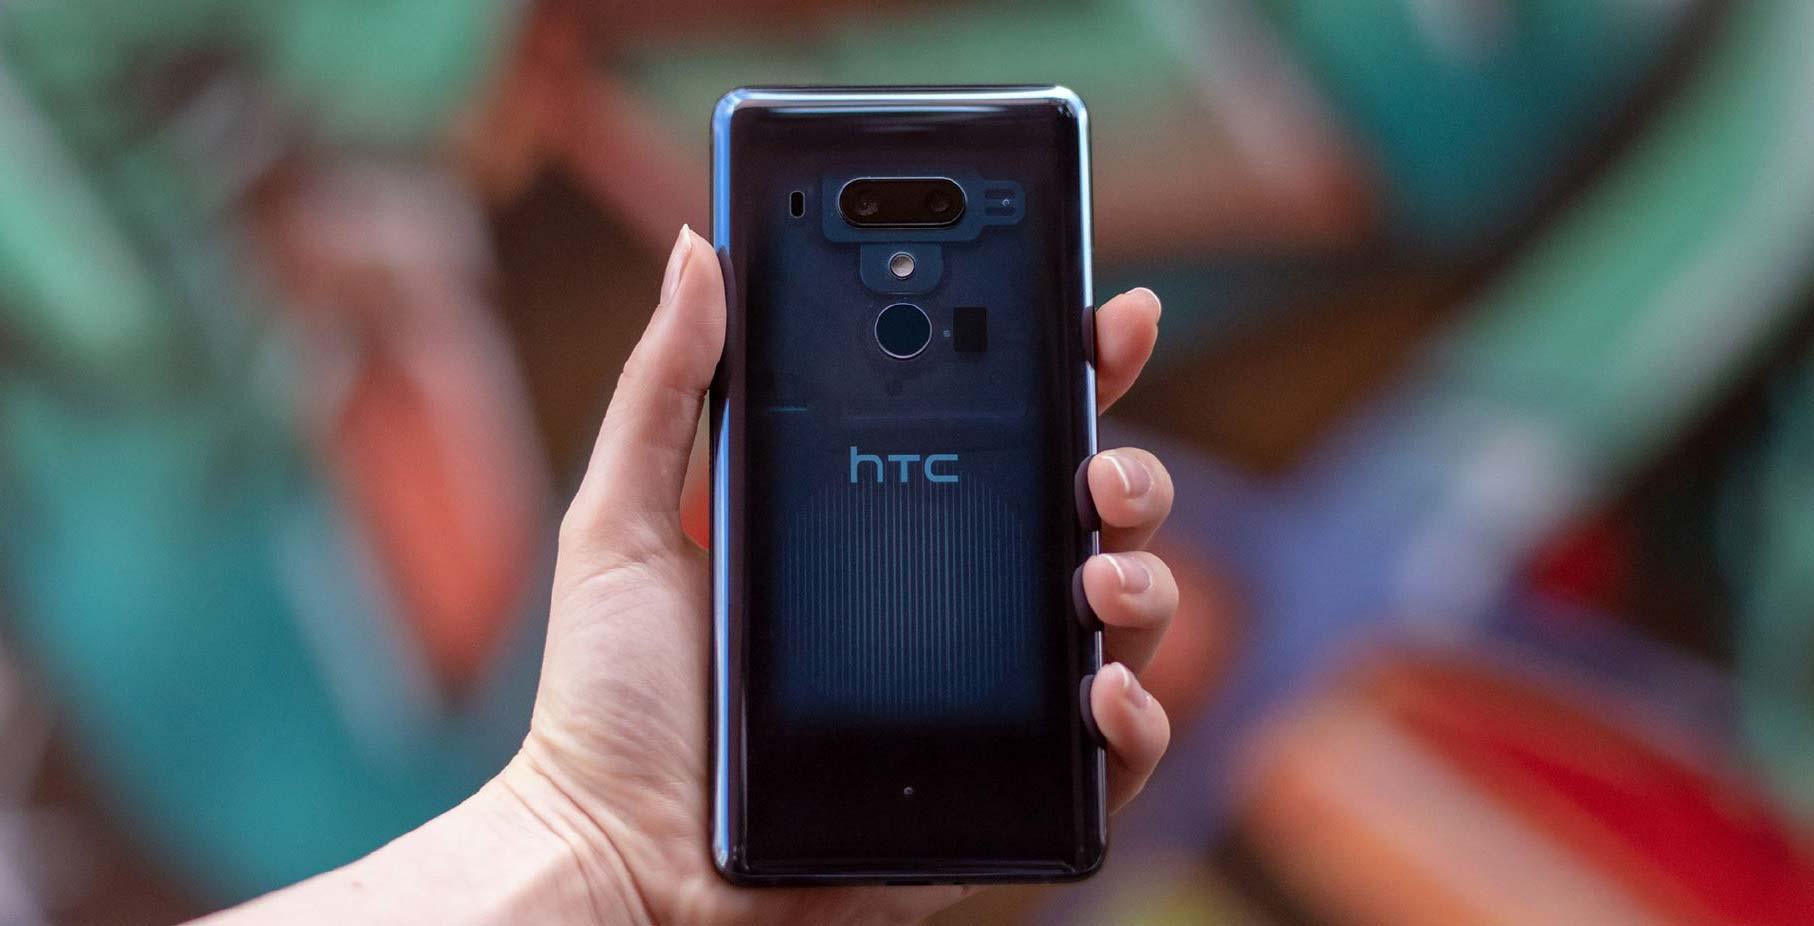 HTC công bố danh sách các thiết bị được cập nhật lên Android 9 Pie